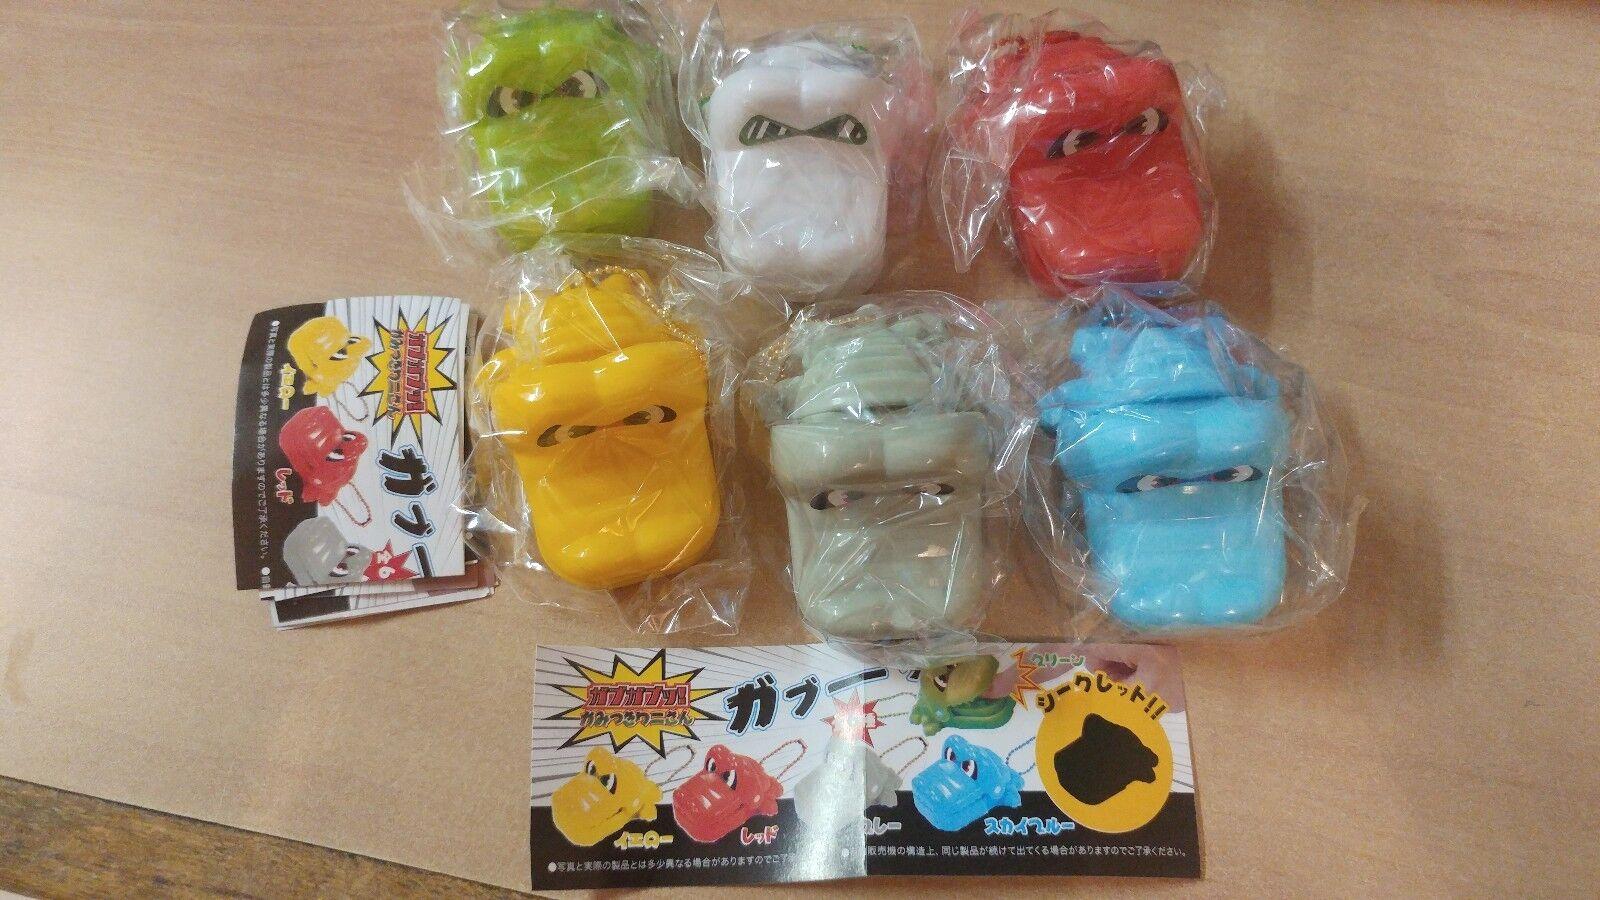 Yell Crocodile Crocodile Crocodile Dentist Mini Toy Hand Game Gashapon Keychain cc1c92